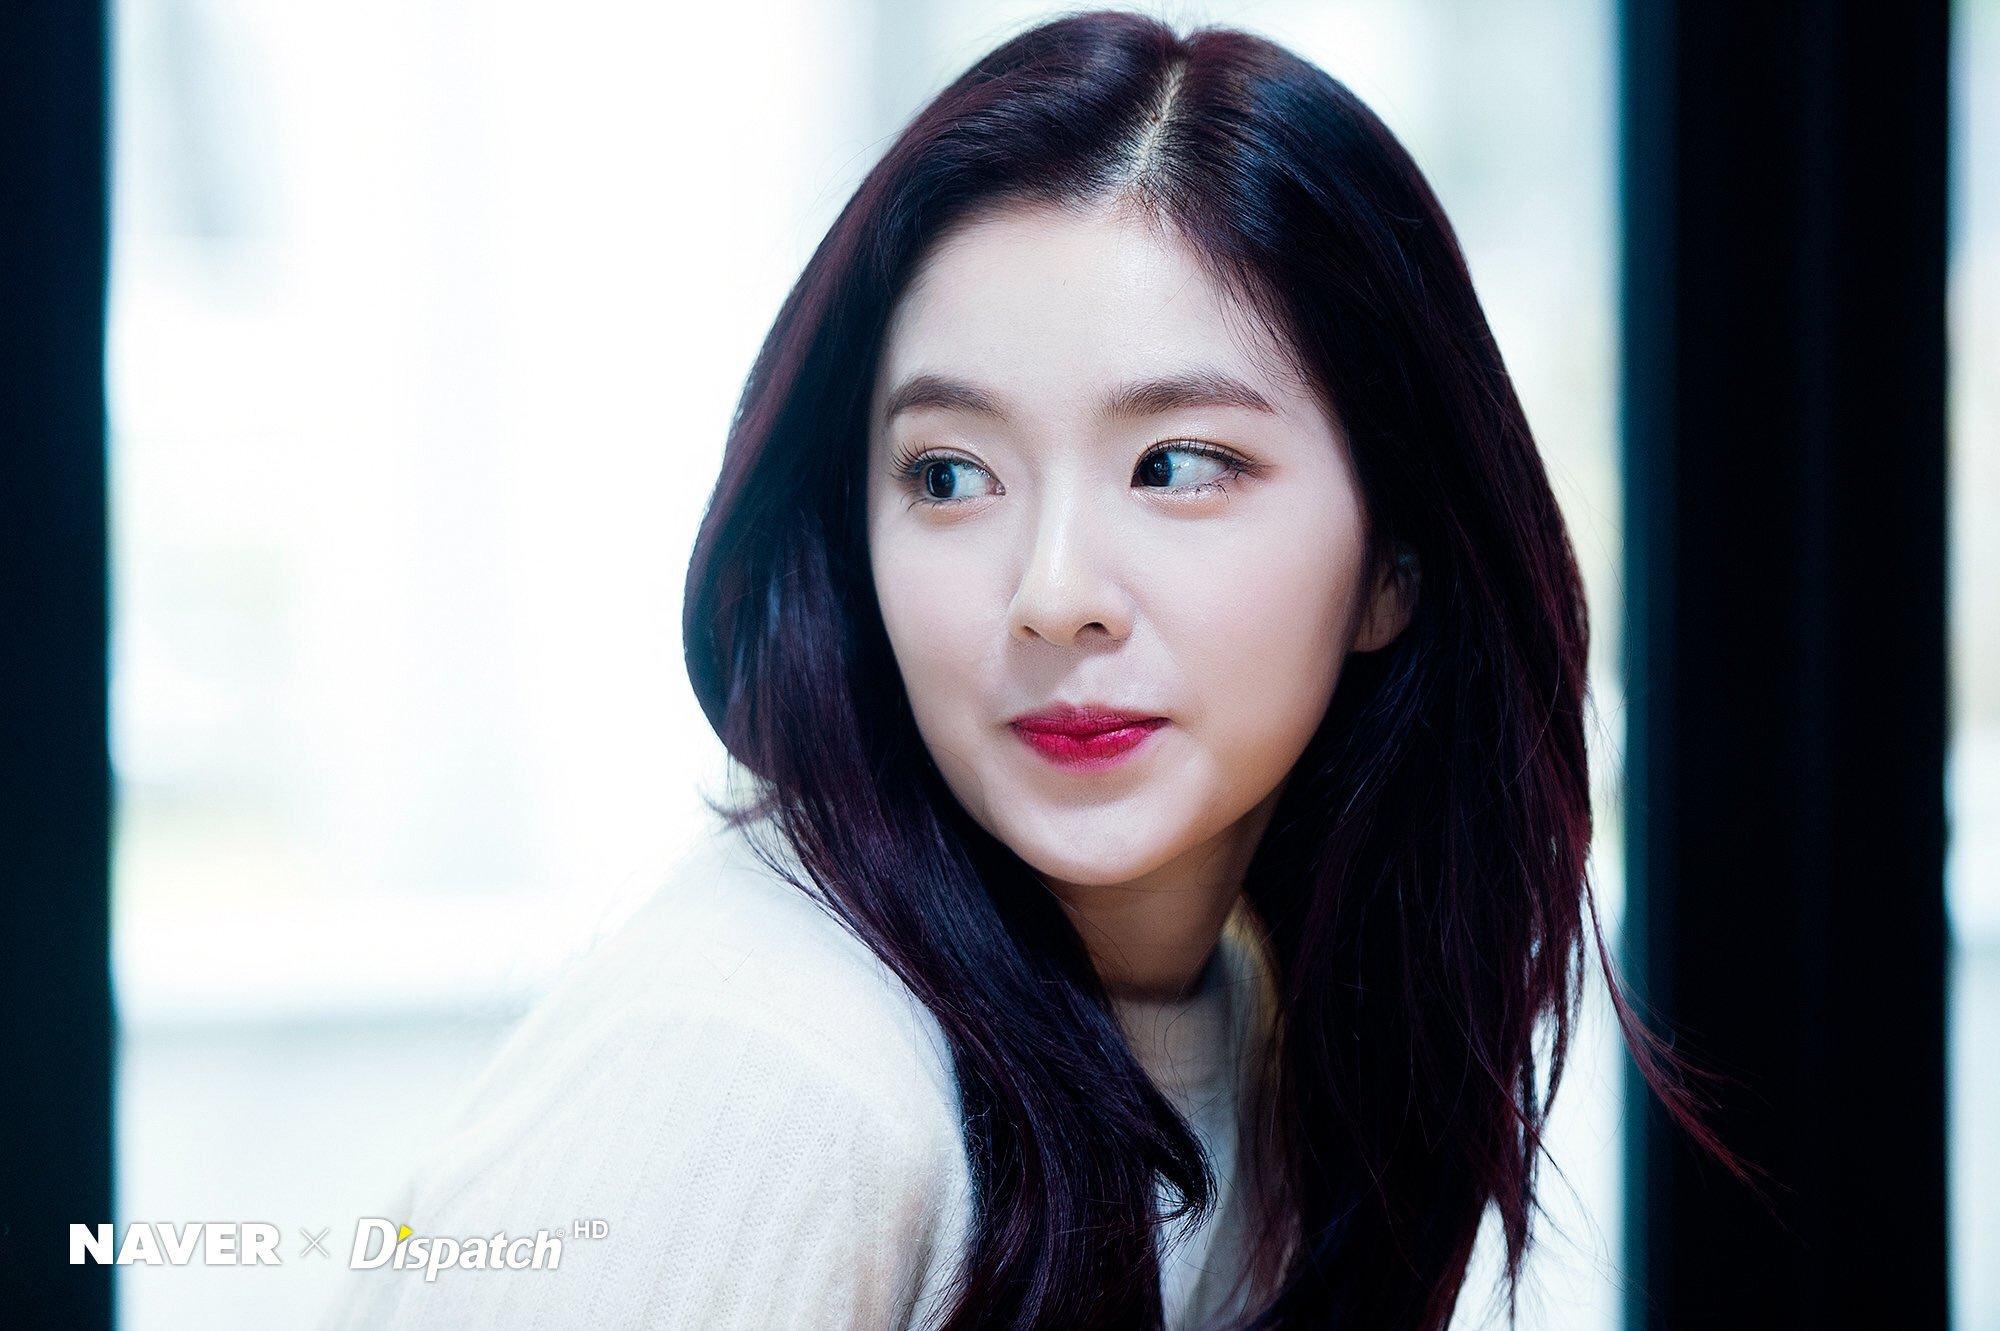 Full Hd Irene Red Velvet Wallpaper Hd 2000x1331 Wallpaper Teahub Io